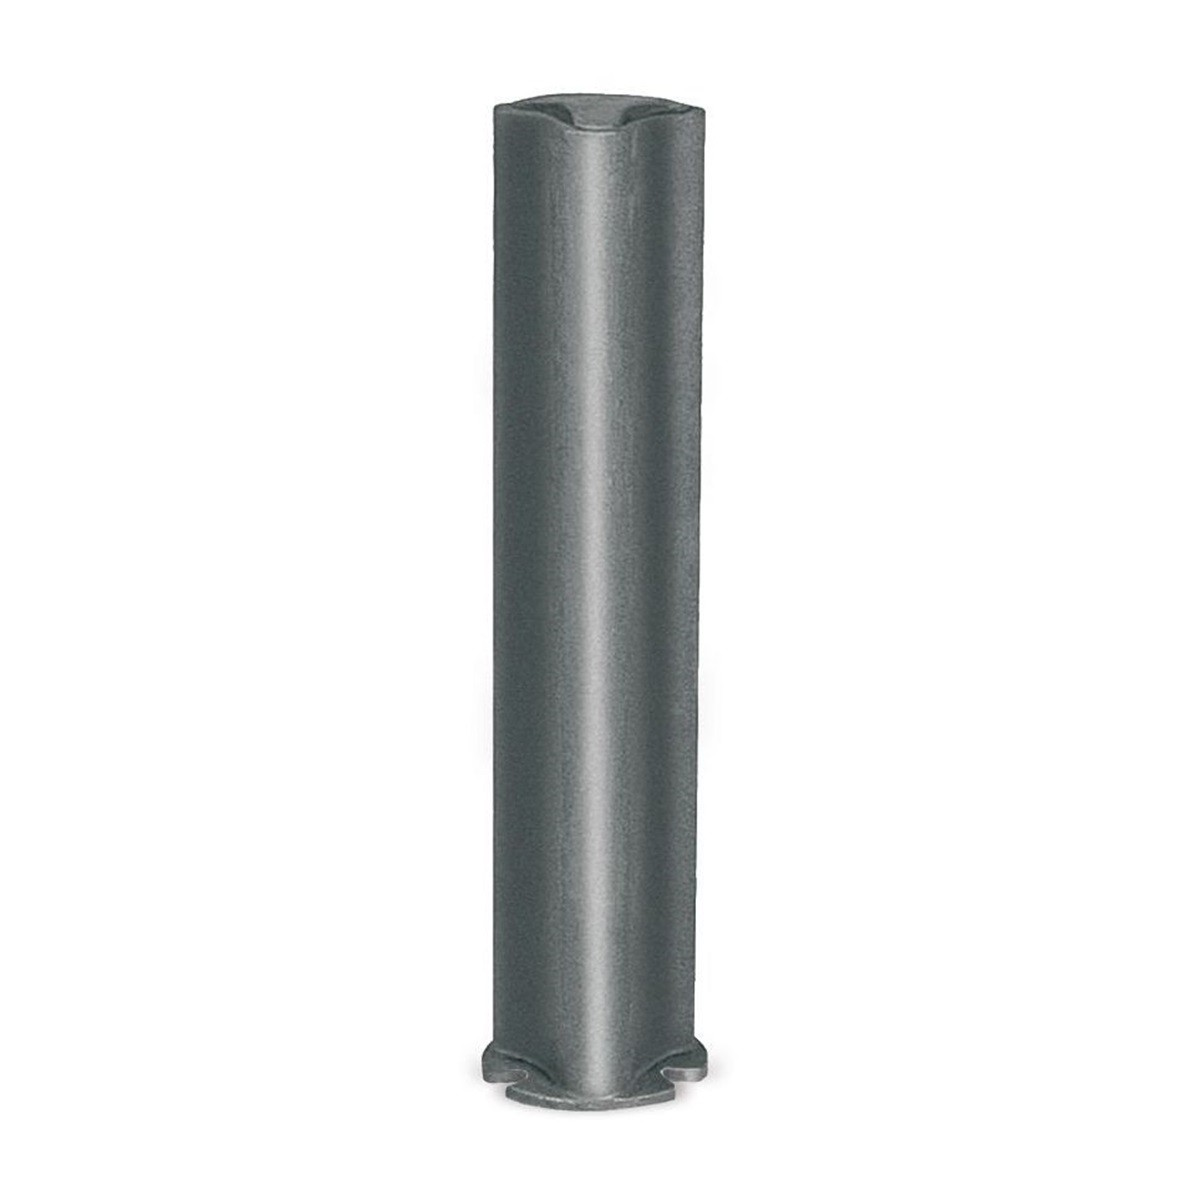 Pilona tipo Salt 10x60 cm.- C-507